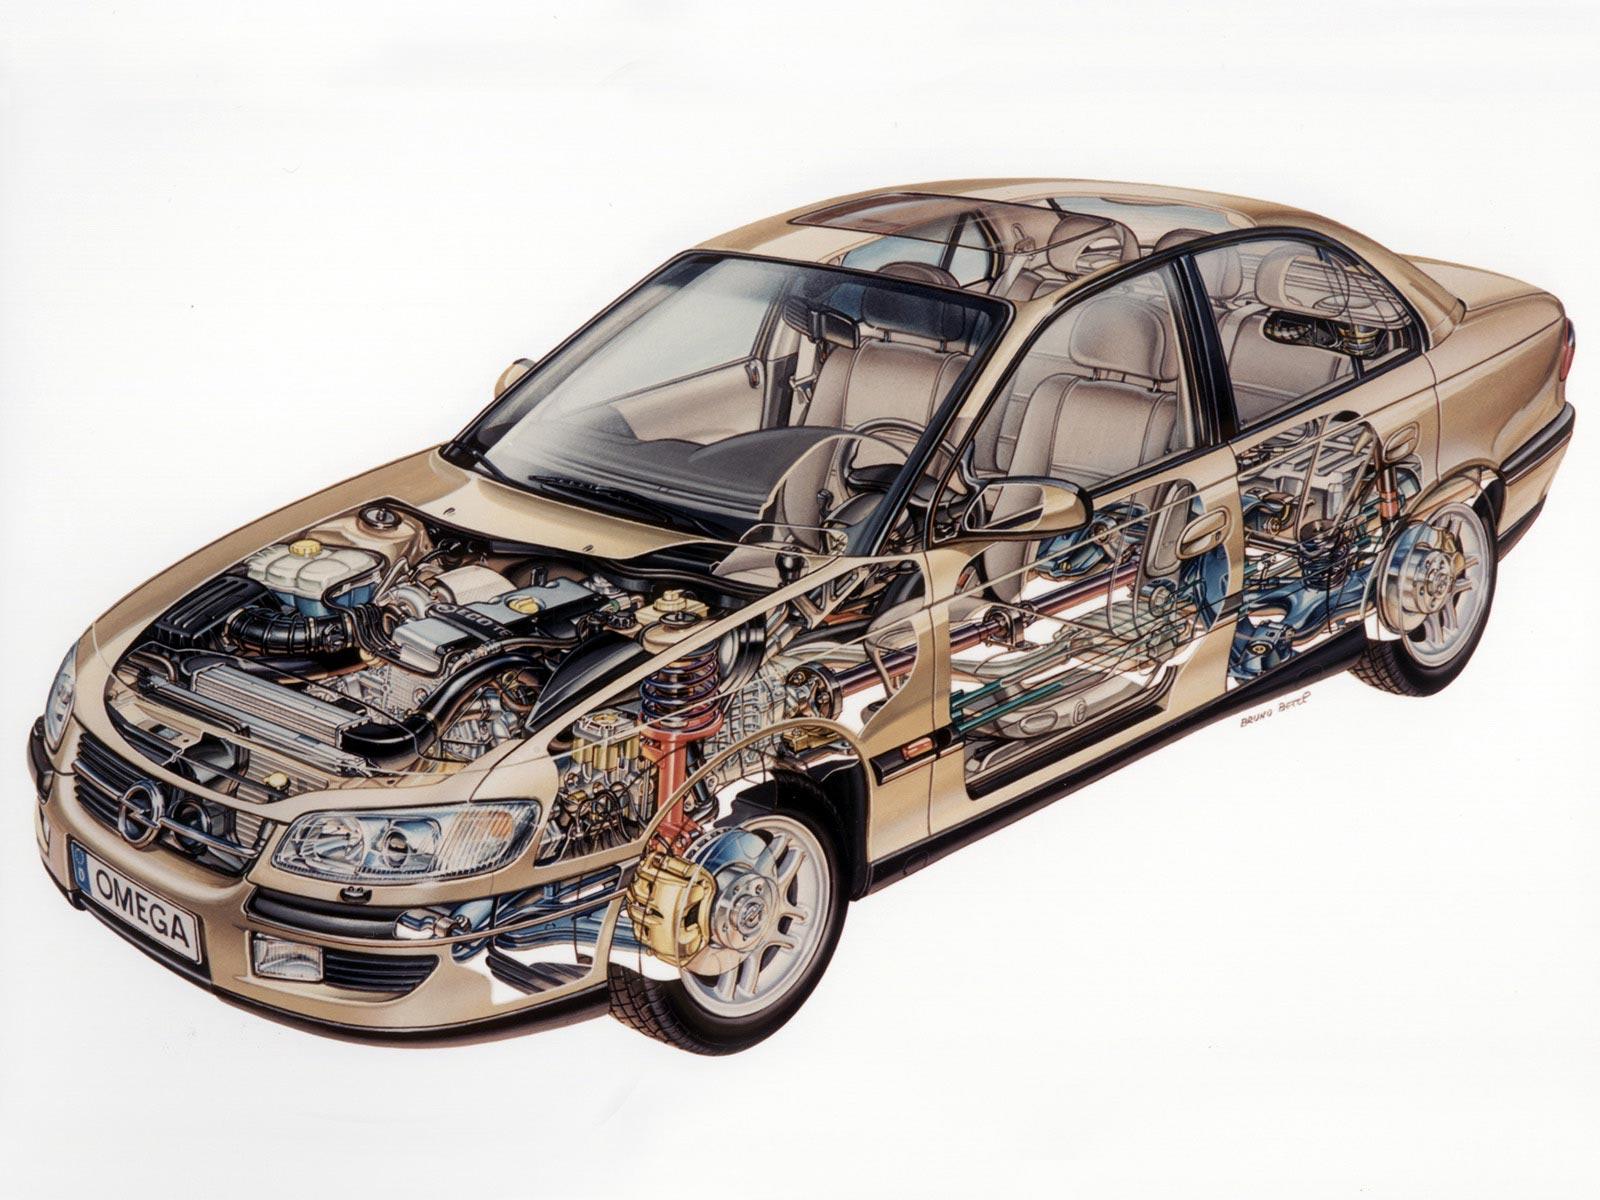 Opel Omega cutaway